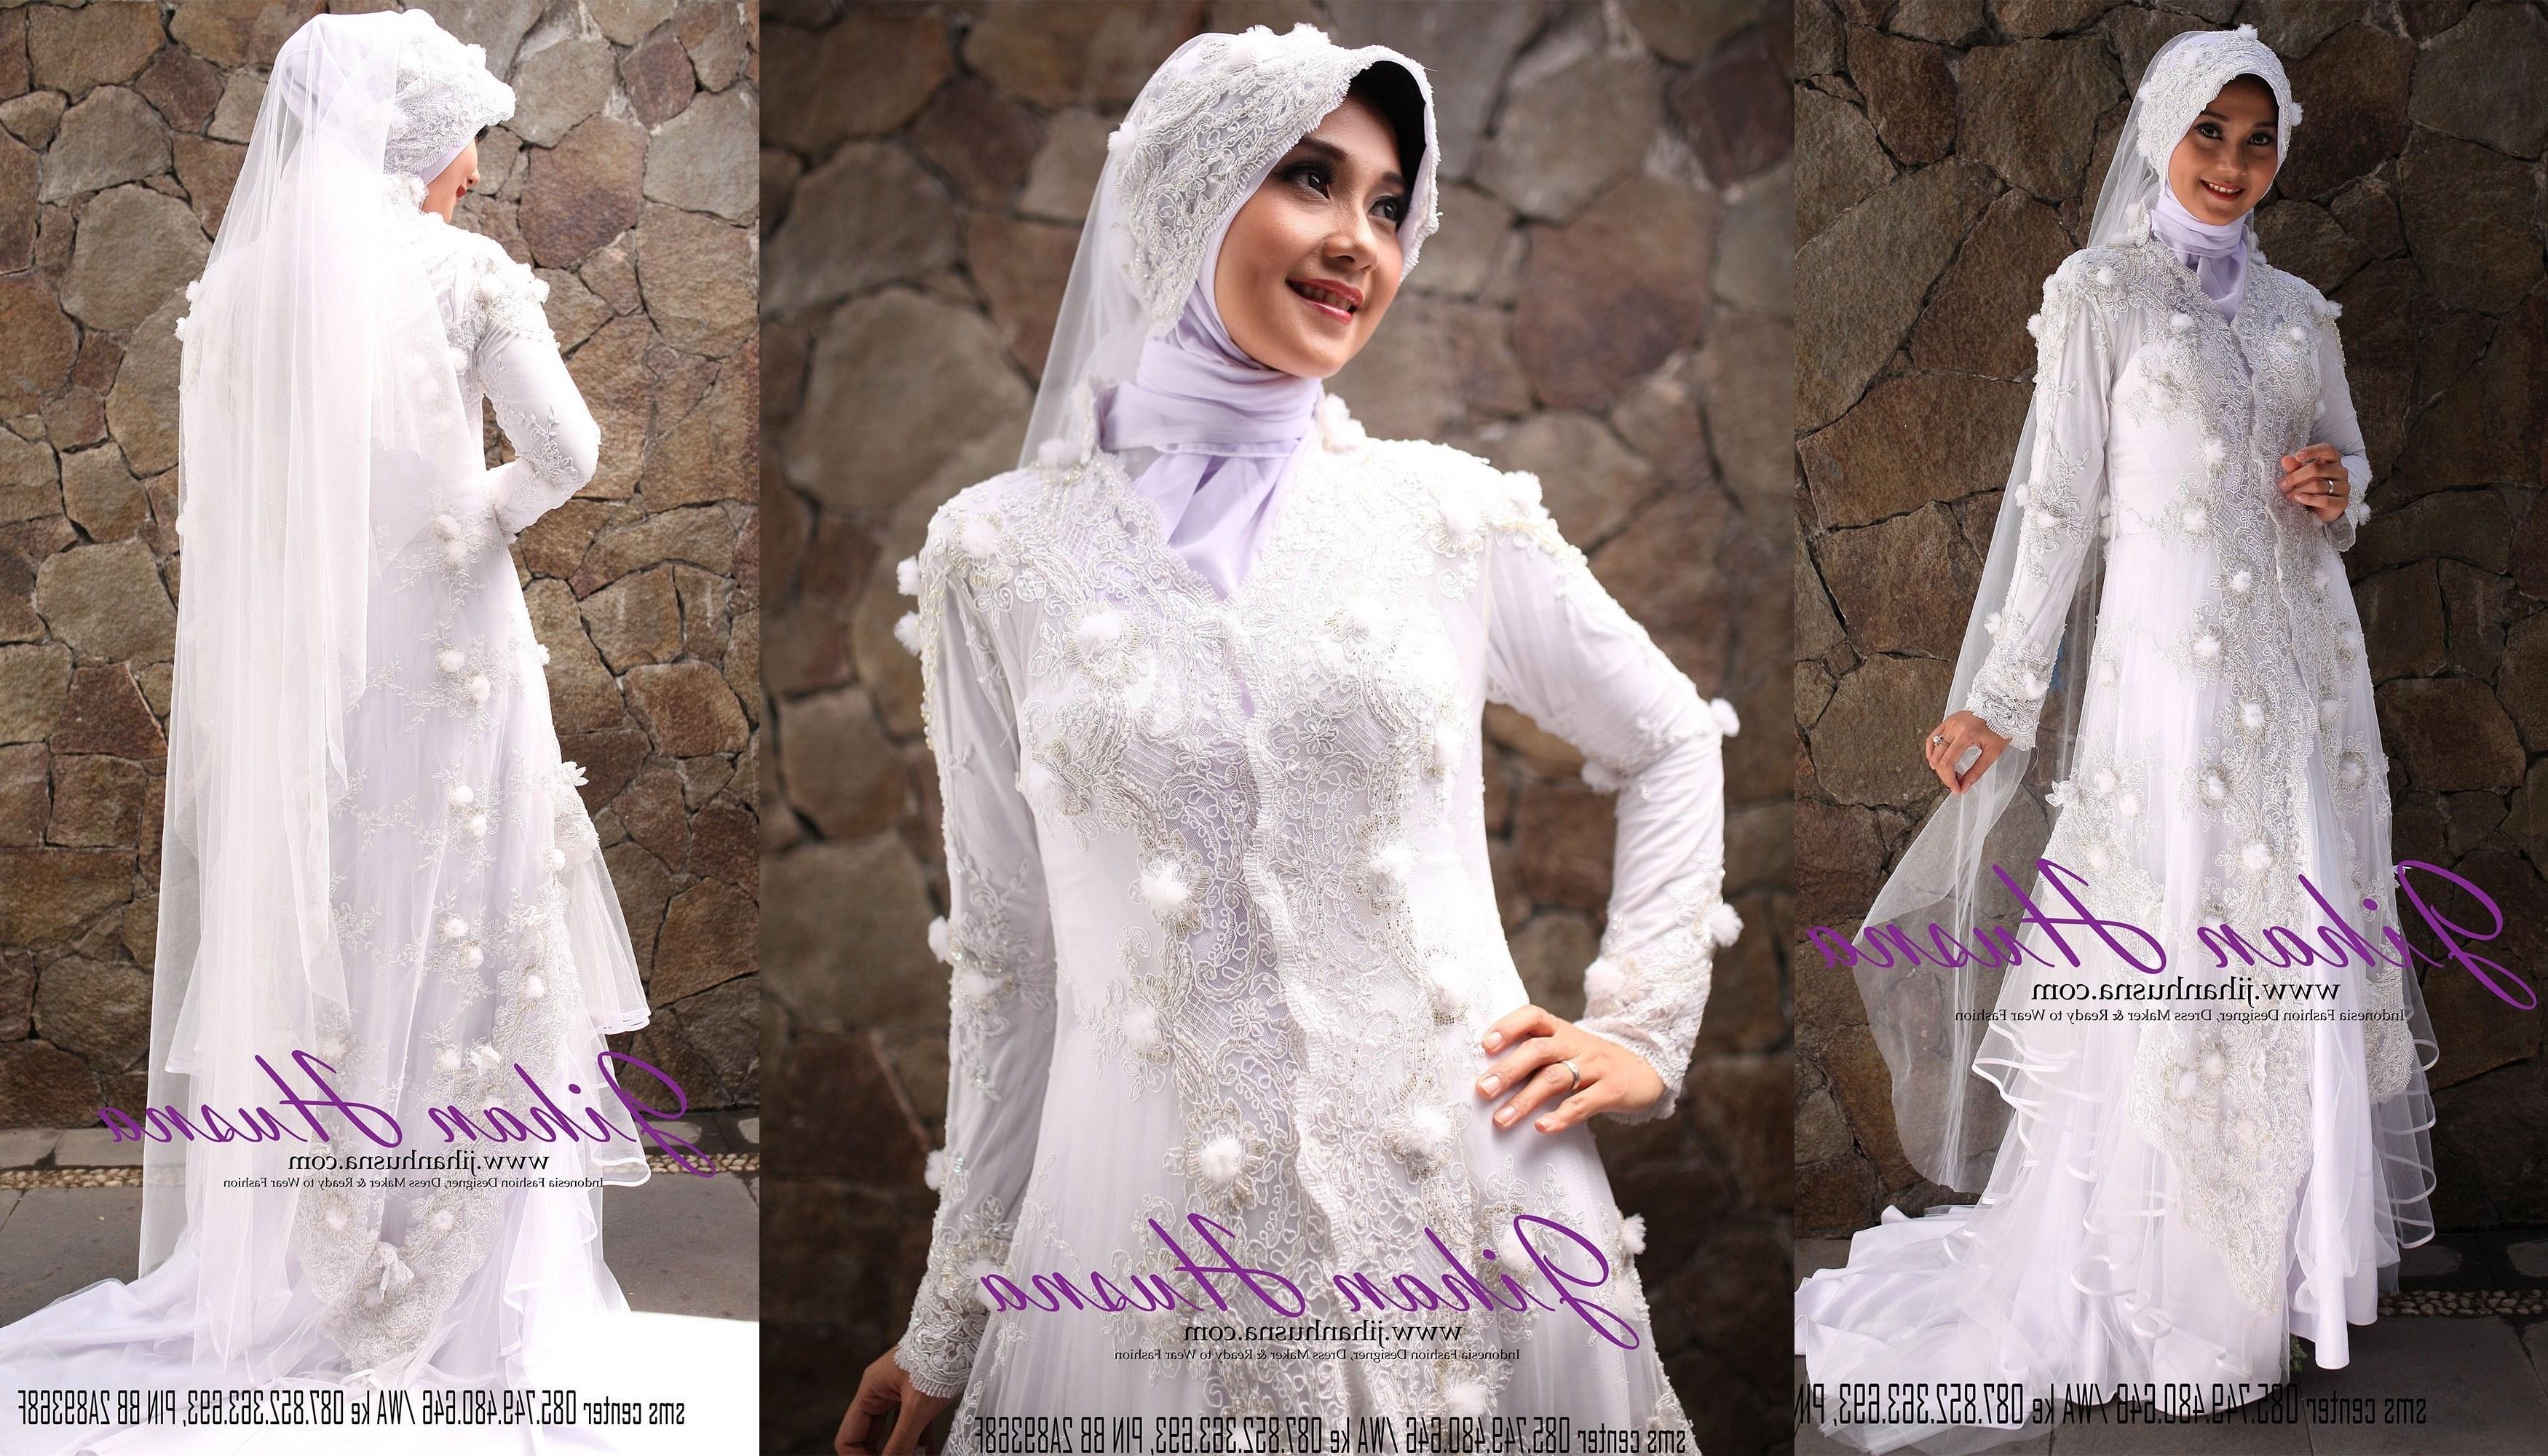 Ide Model Baju Gamis Untuk Pernikahan H9d9 Gamis Pernikahan Cantik Jual Mainboard W210cumb 0d Bekas Mb